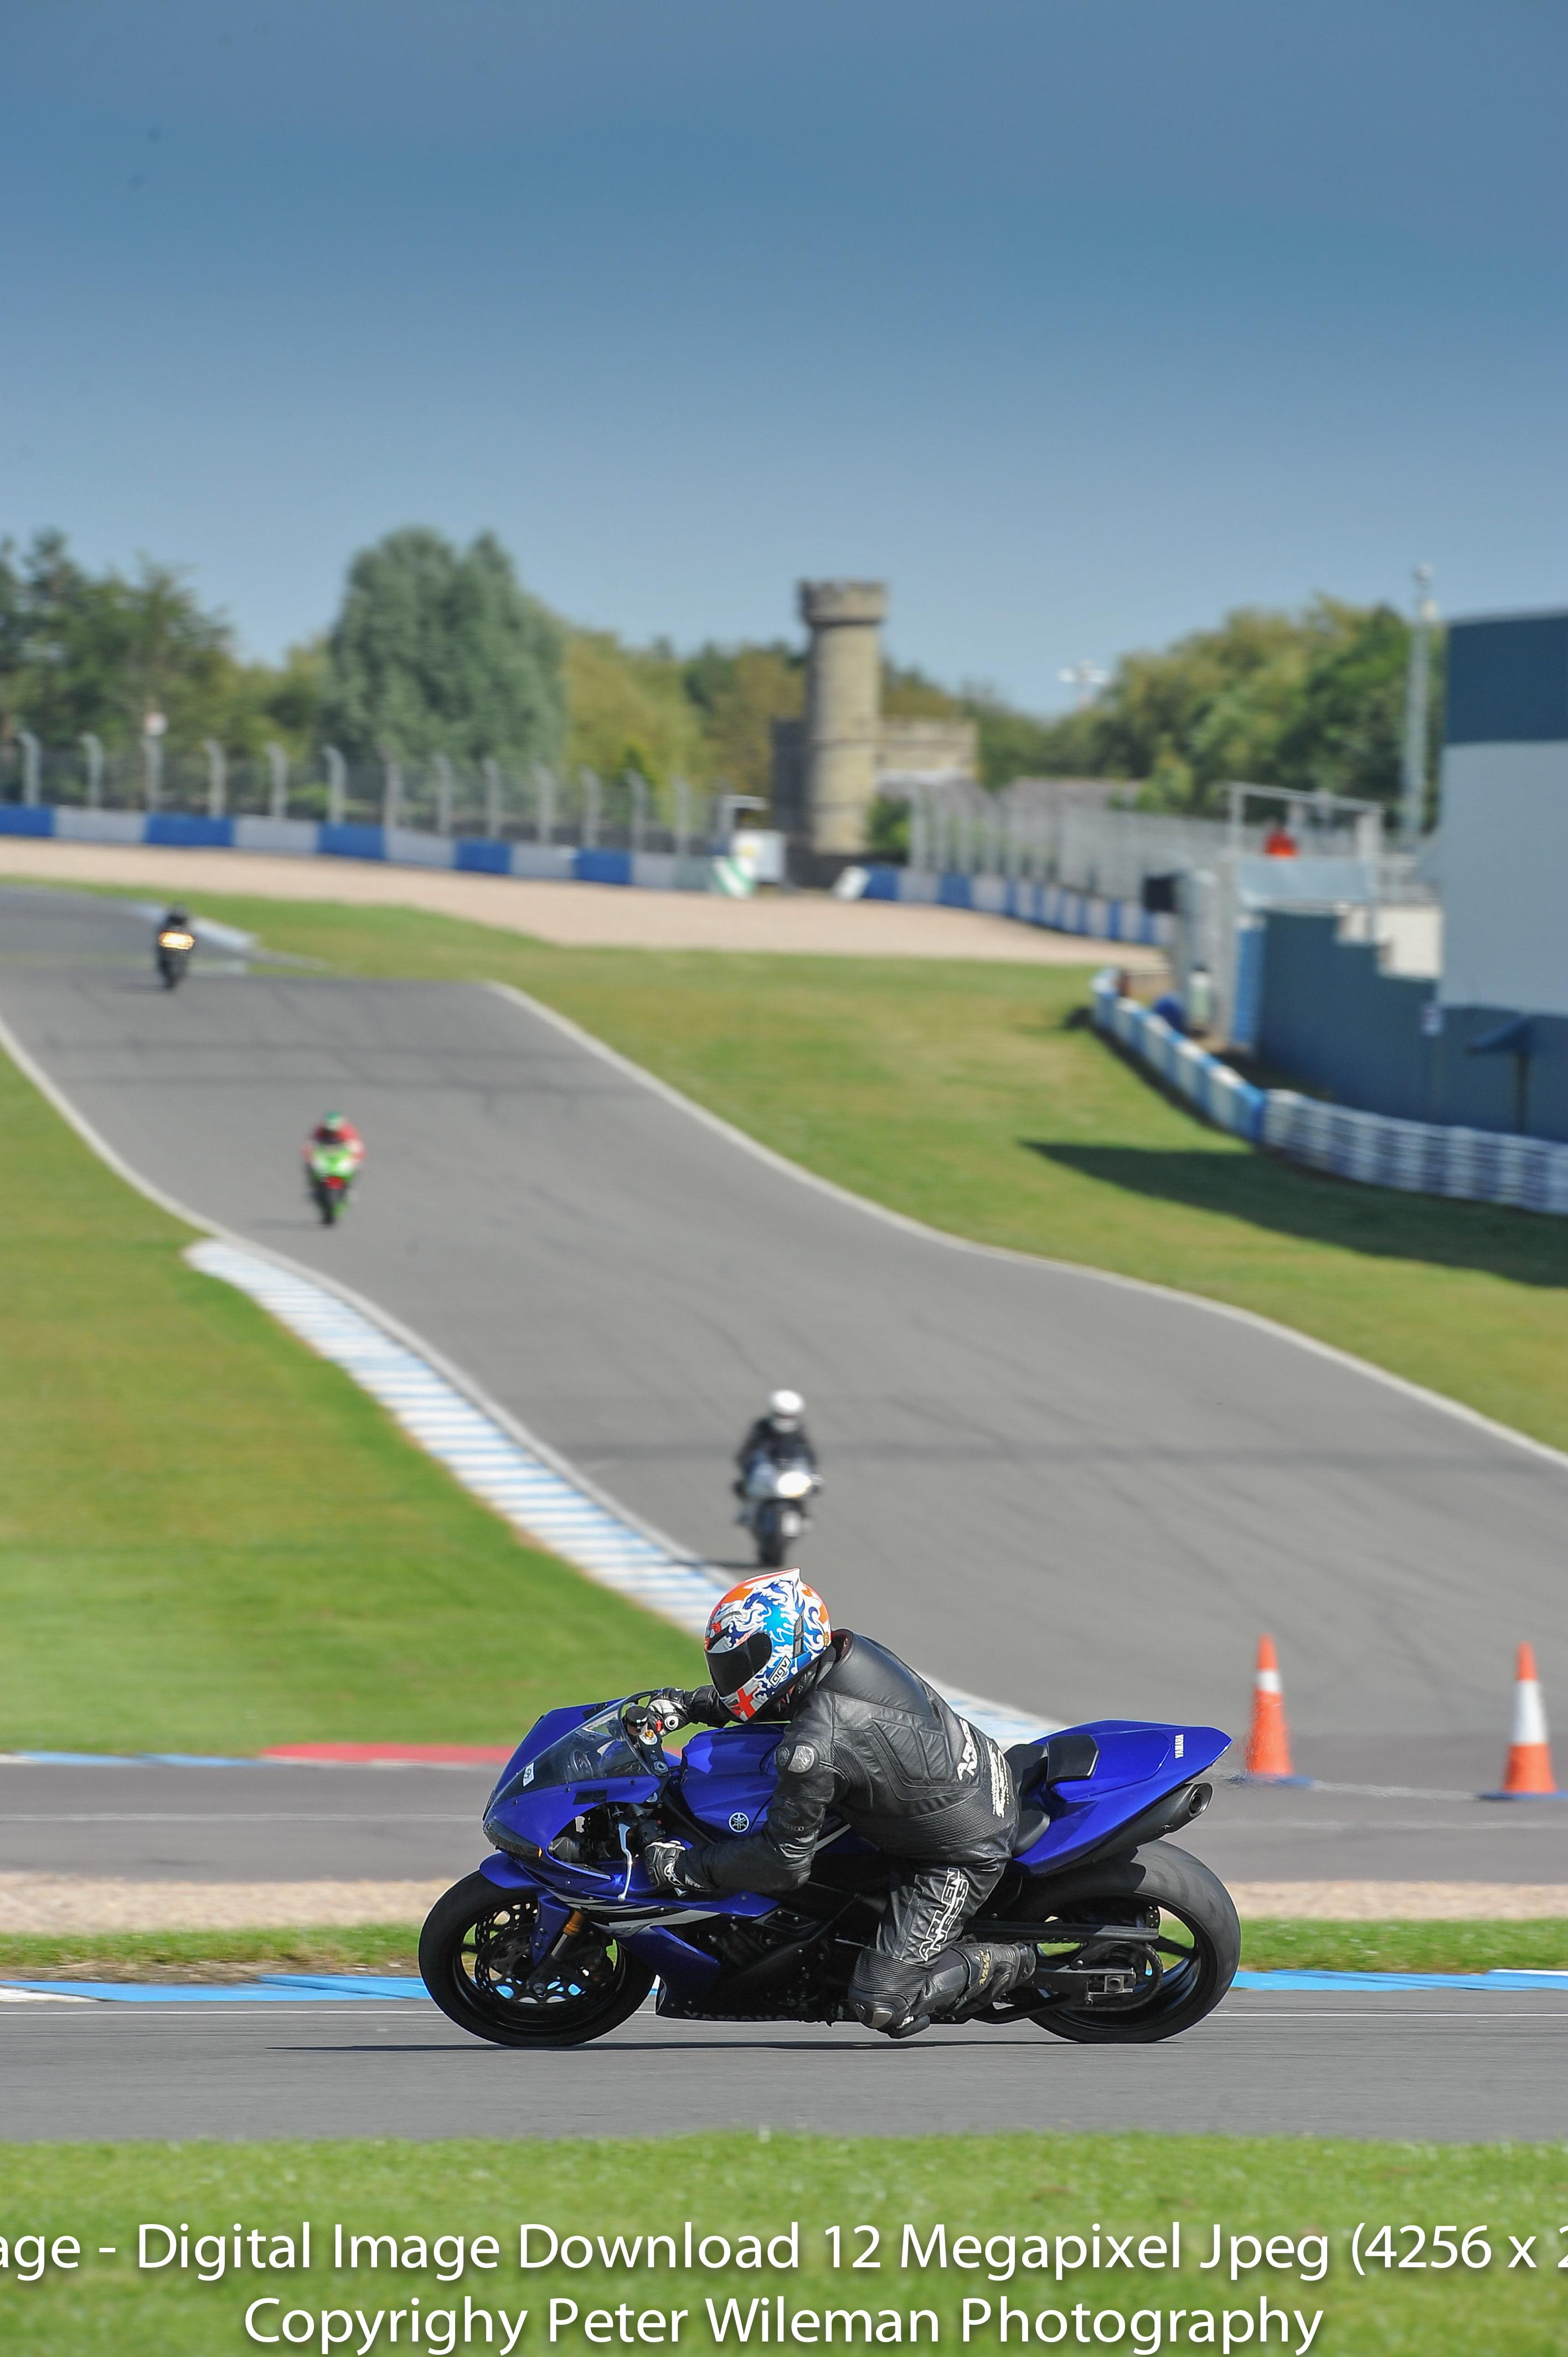 09-08-2012 Donington Park no limits trackday